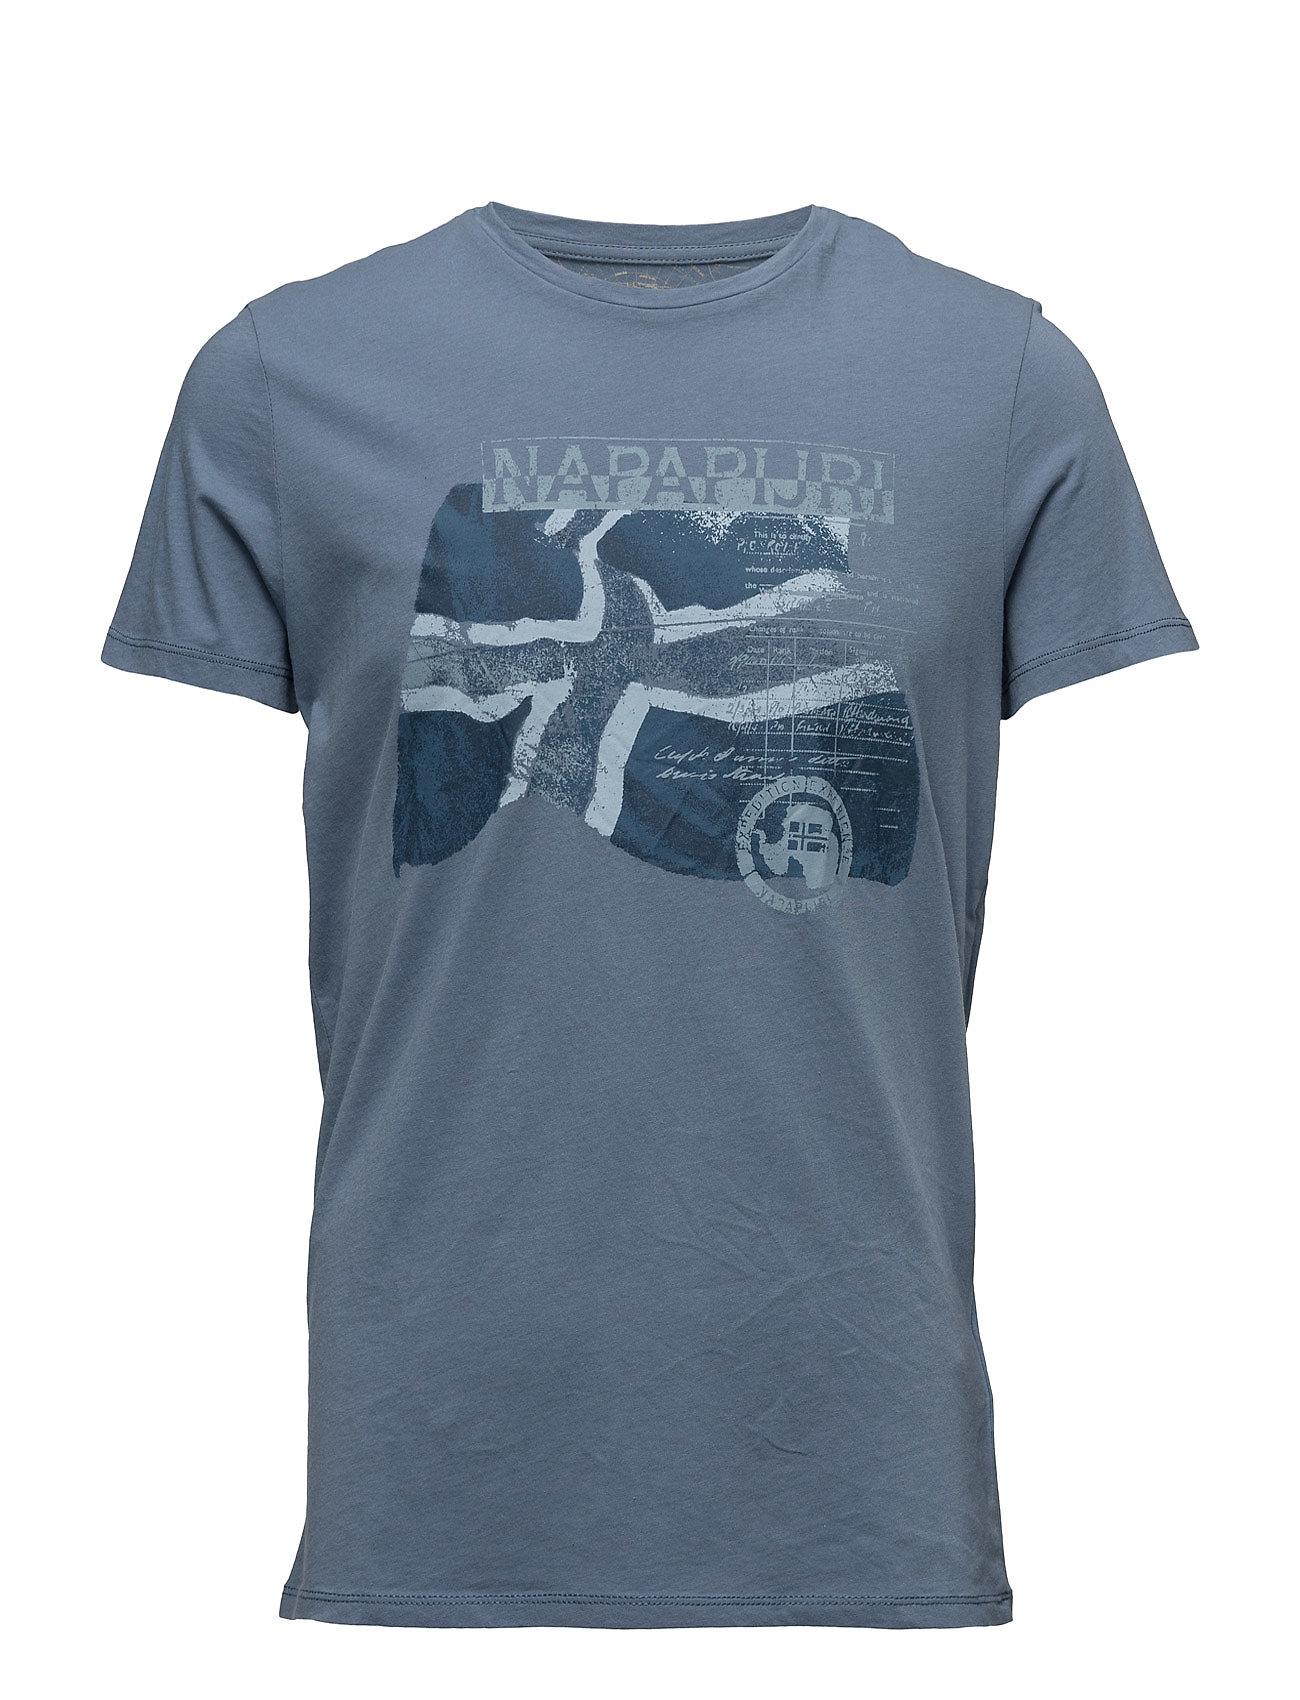 Sinley Napapijri T-shirts til Mænd i